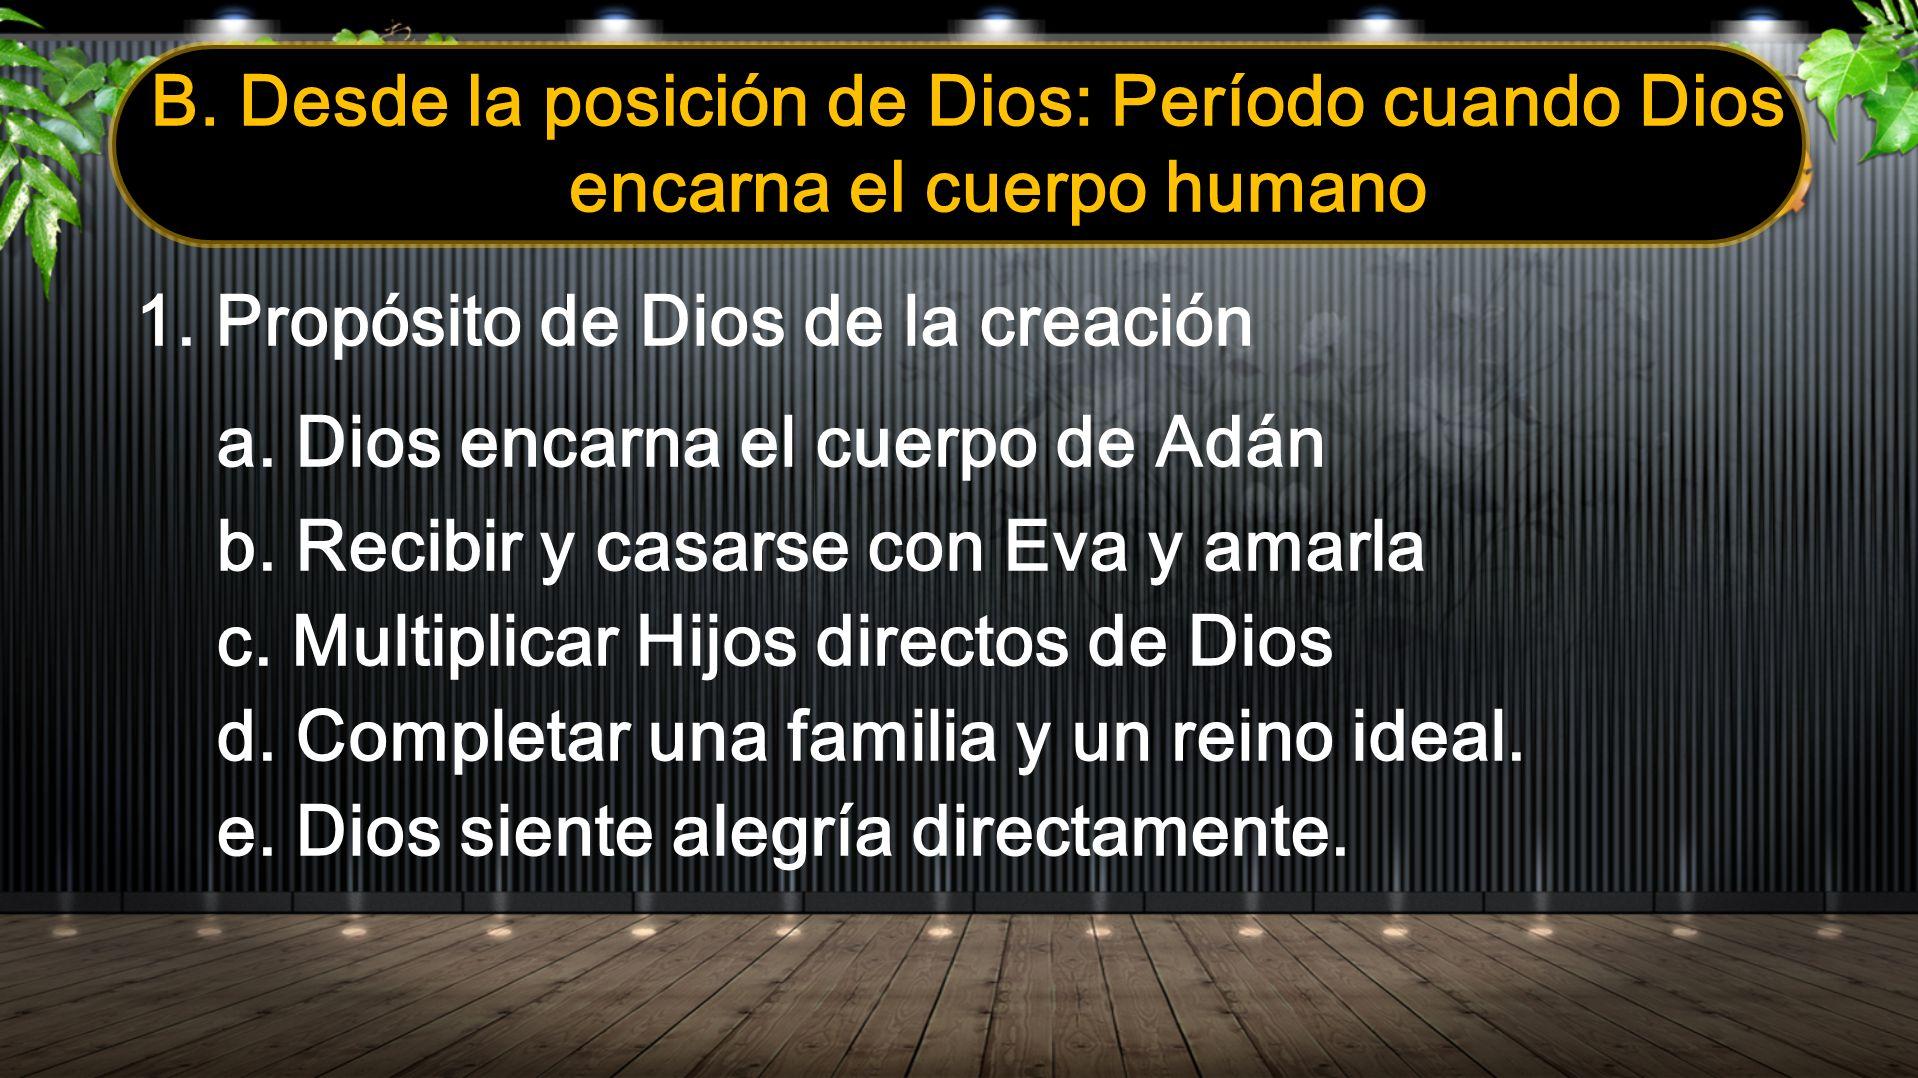 B. Desde la posición de Dios: Período cuando Dios encarna el cuerpo humano 1. Propósito de Dios de la creación a. Dios encarna el cuerpo de Adán b. Re